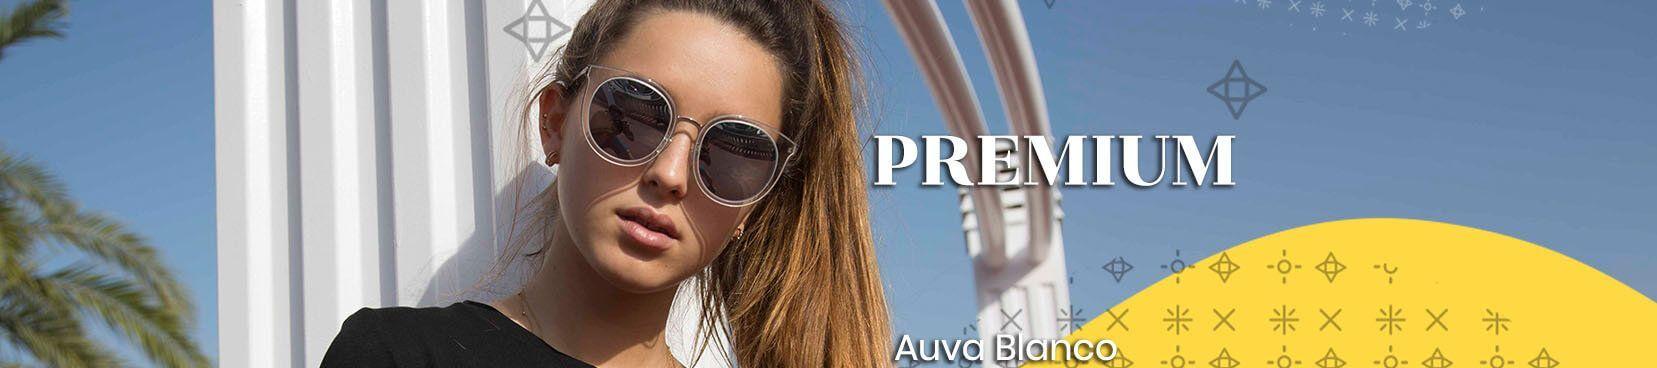 Gafas de sol premium para mujer